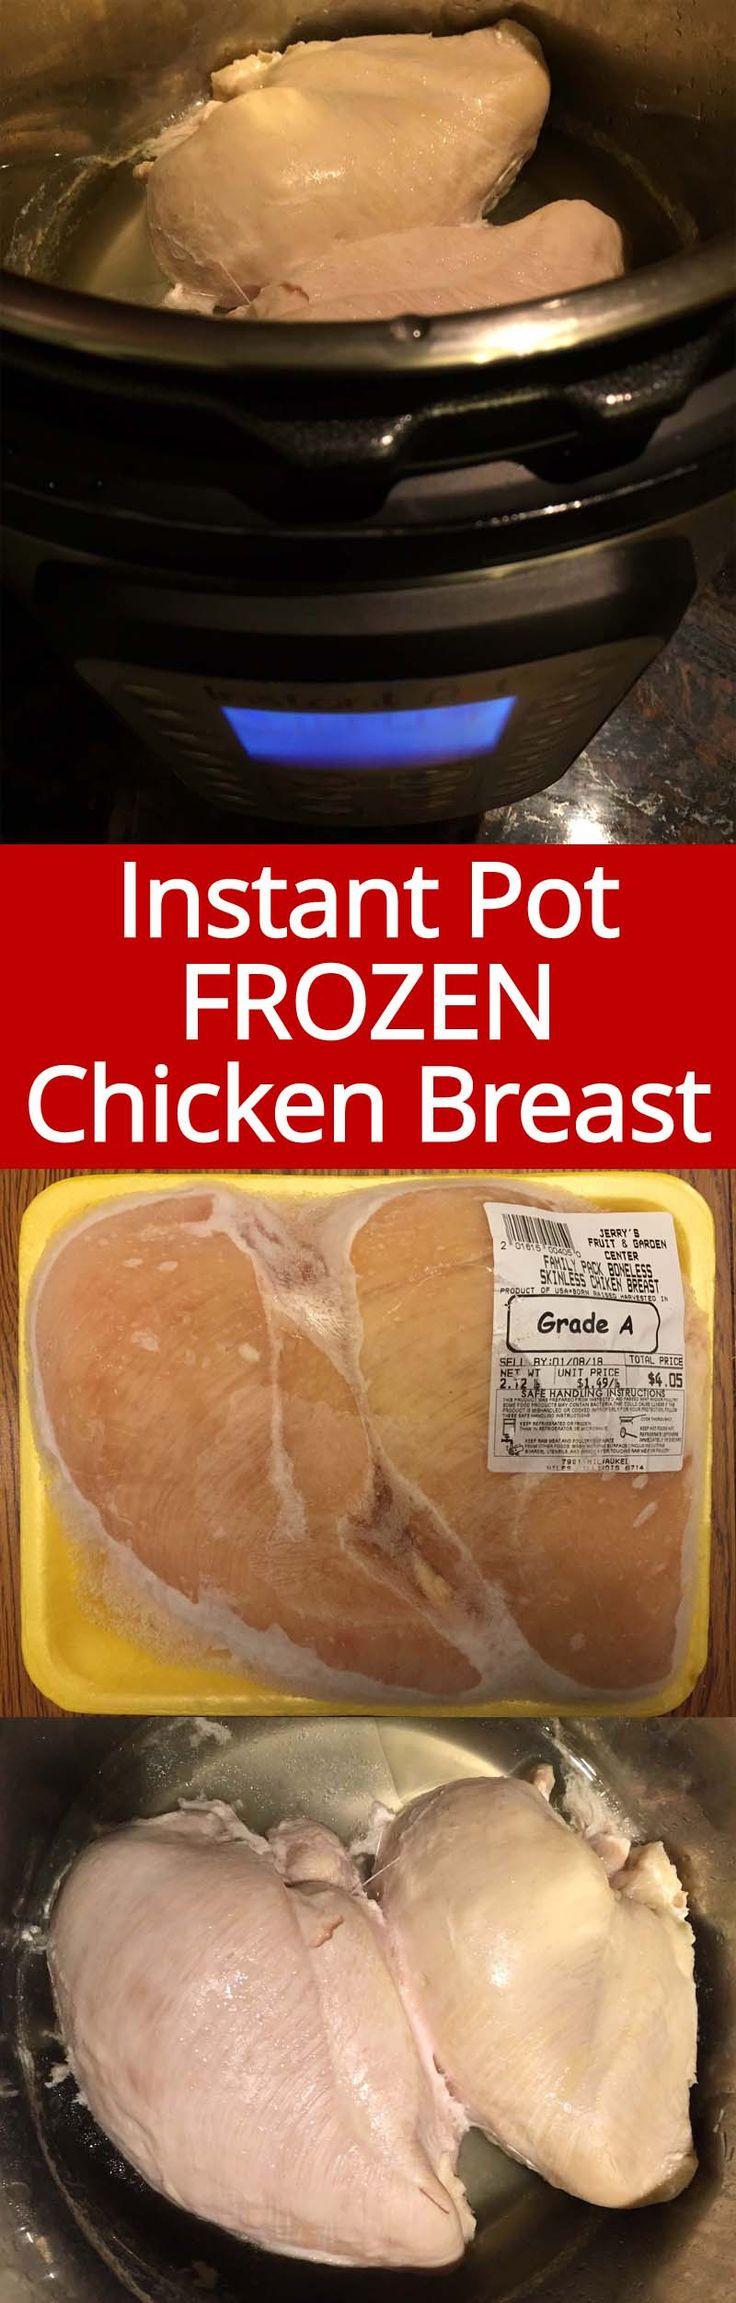 Instant Pot Frozen Chicken Breasts  Best 25 Chicken breasts ideas on Pinterest